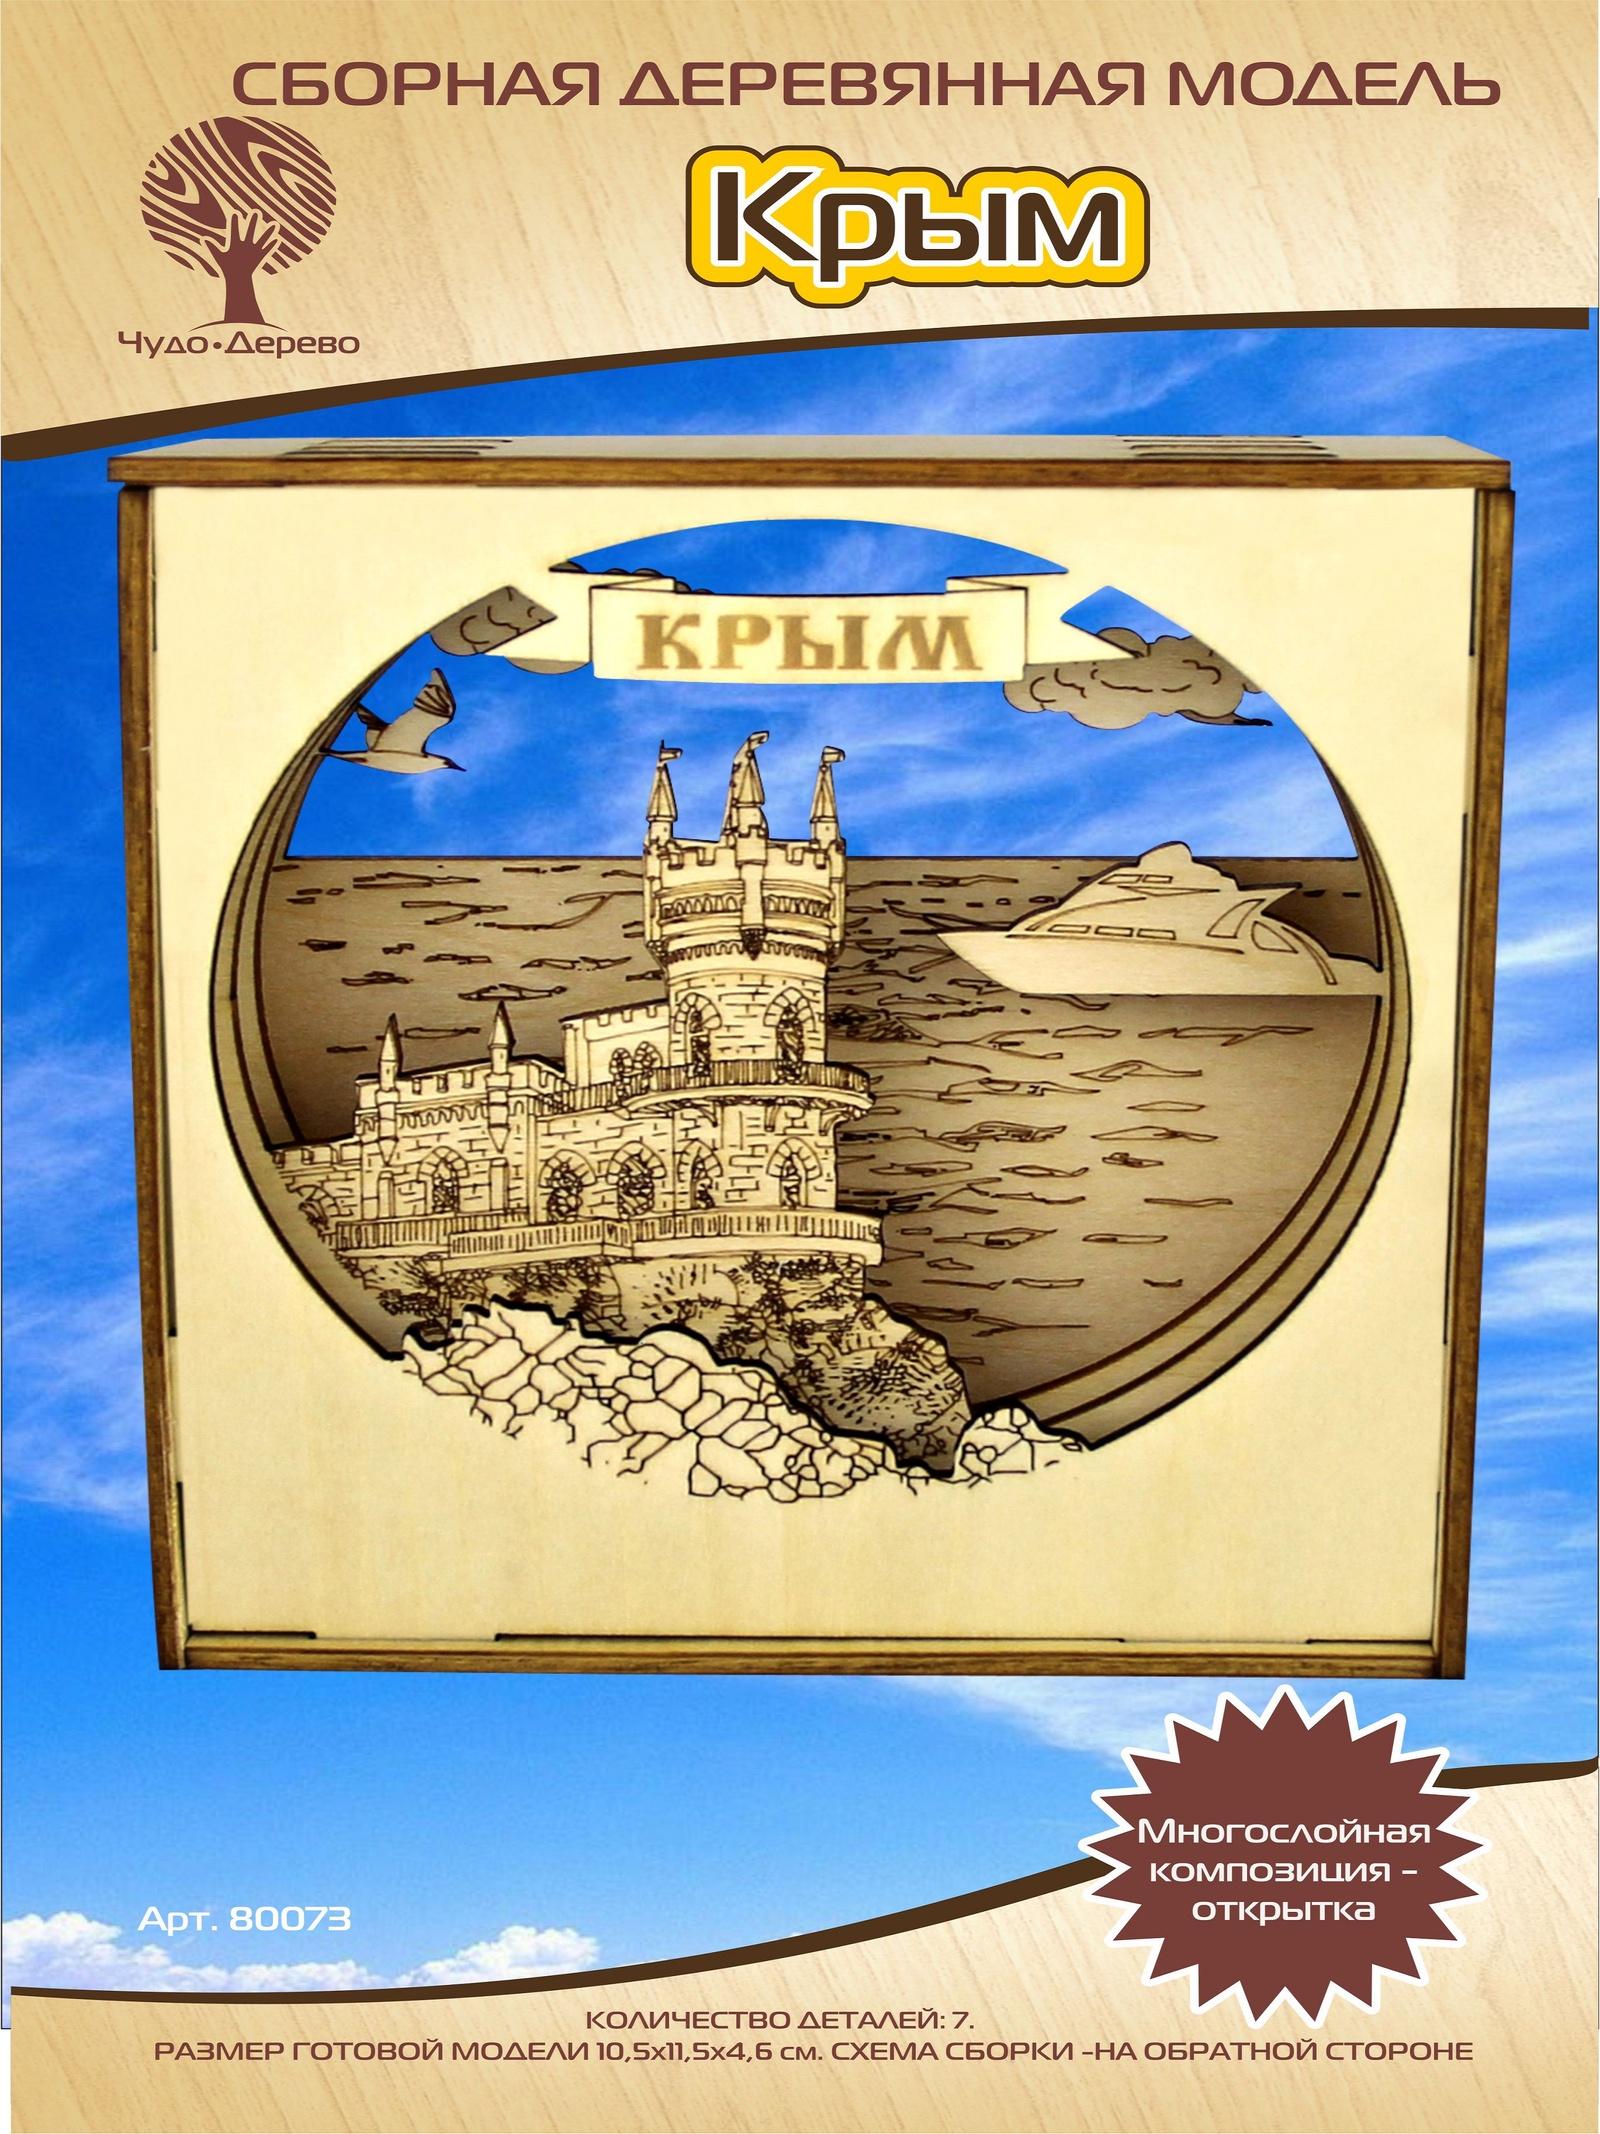 Деревянный конструктор Чудо-дерево Композиция-открытка Крым, 80073 открытка borяn дерево надежды 001 304